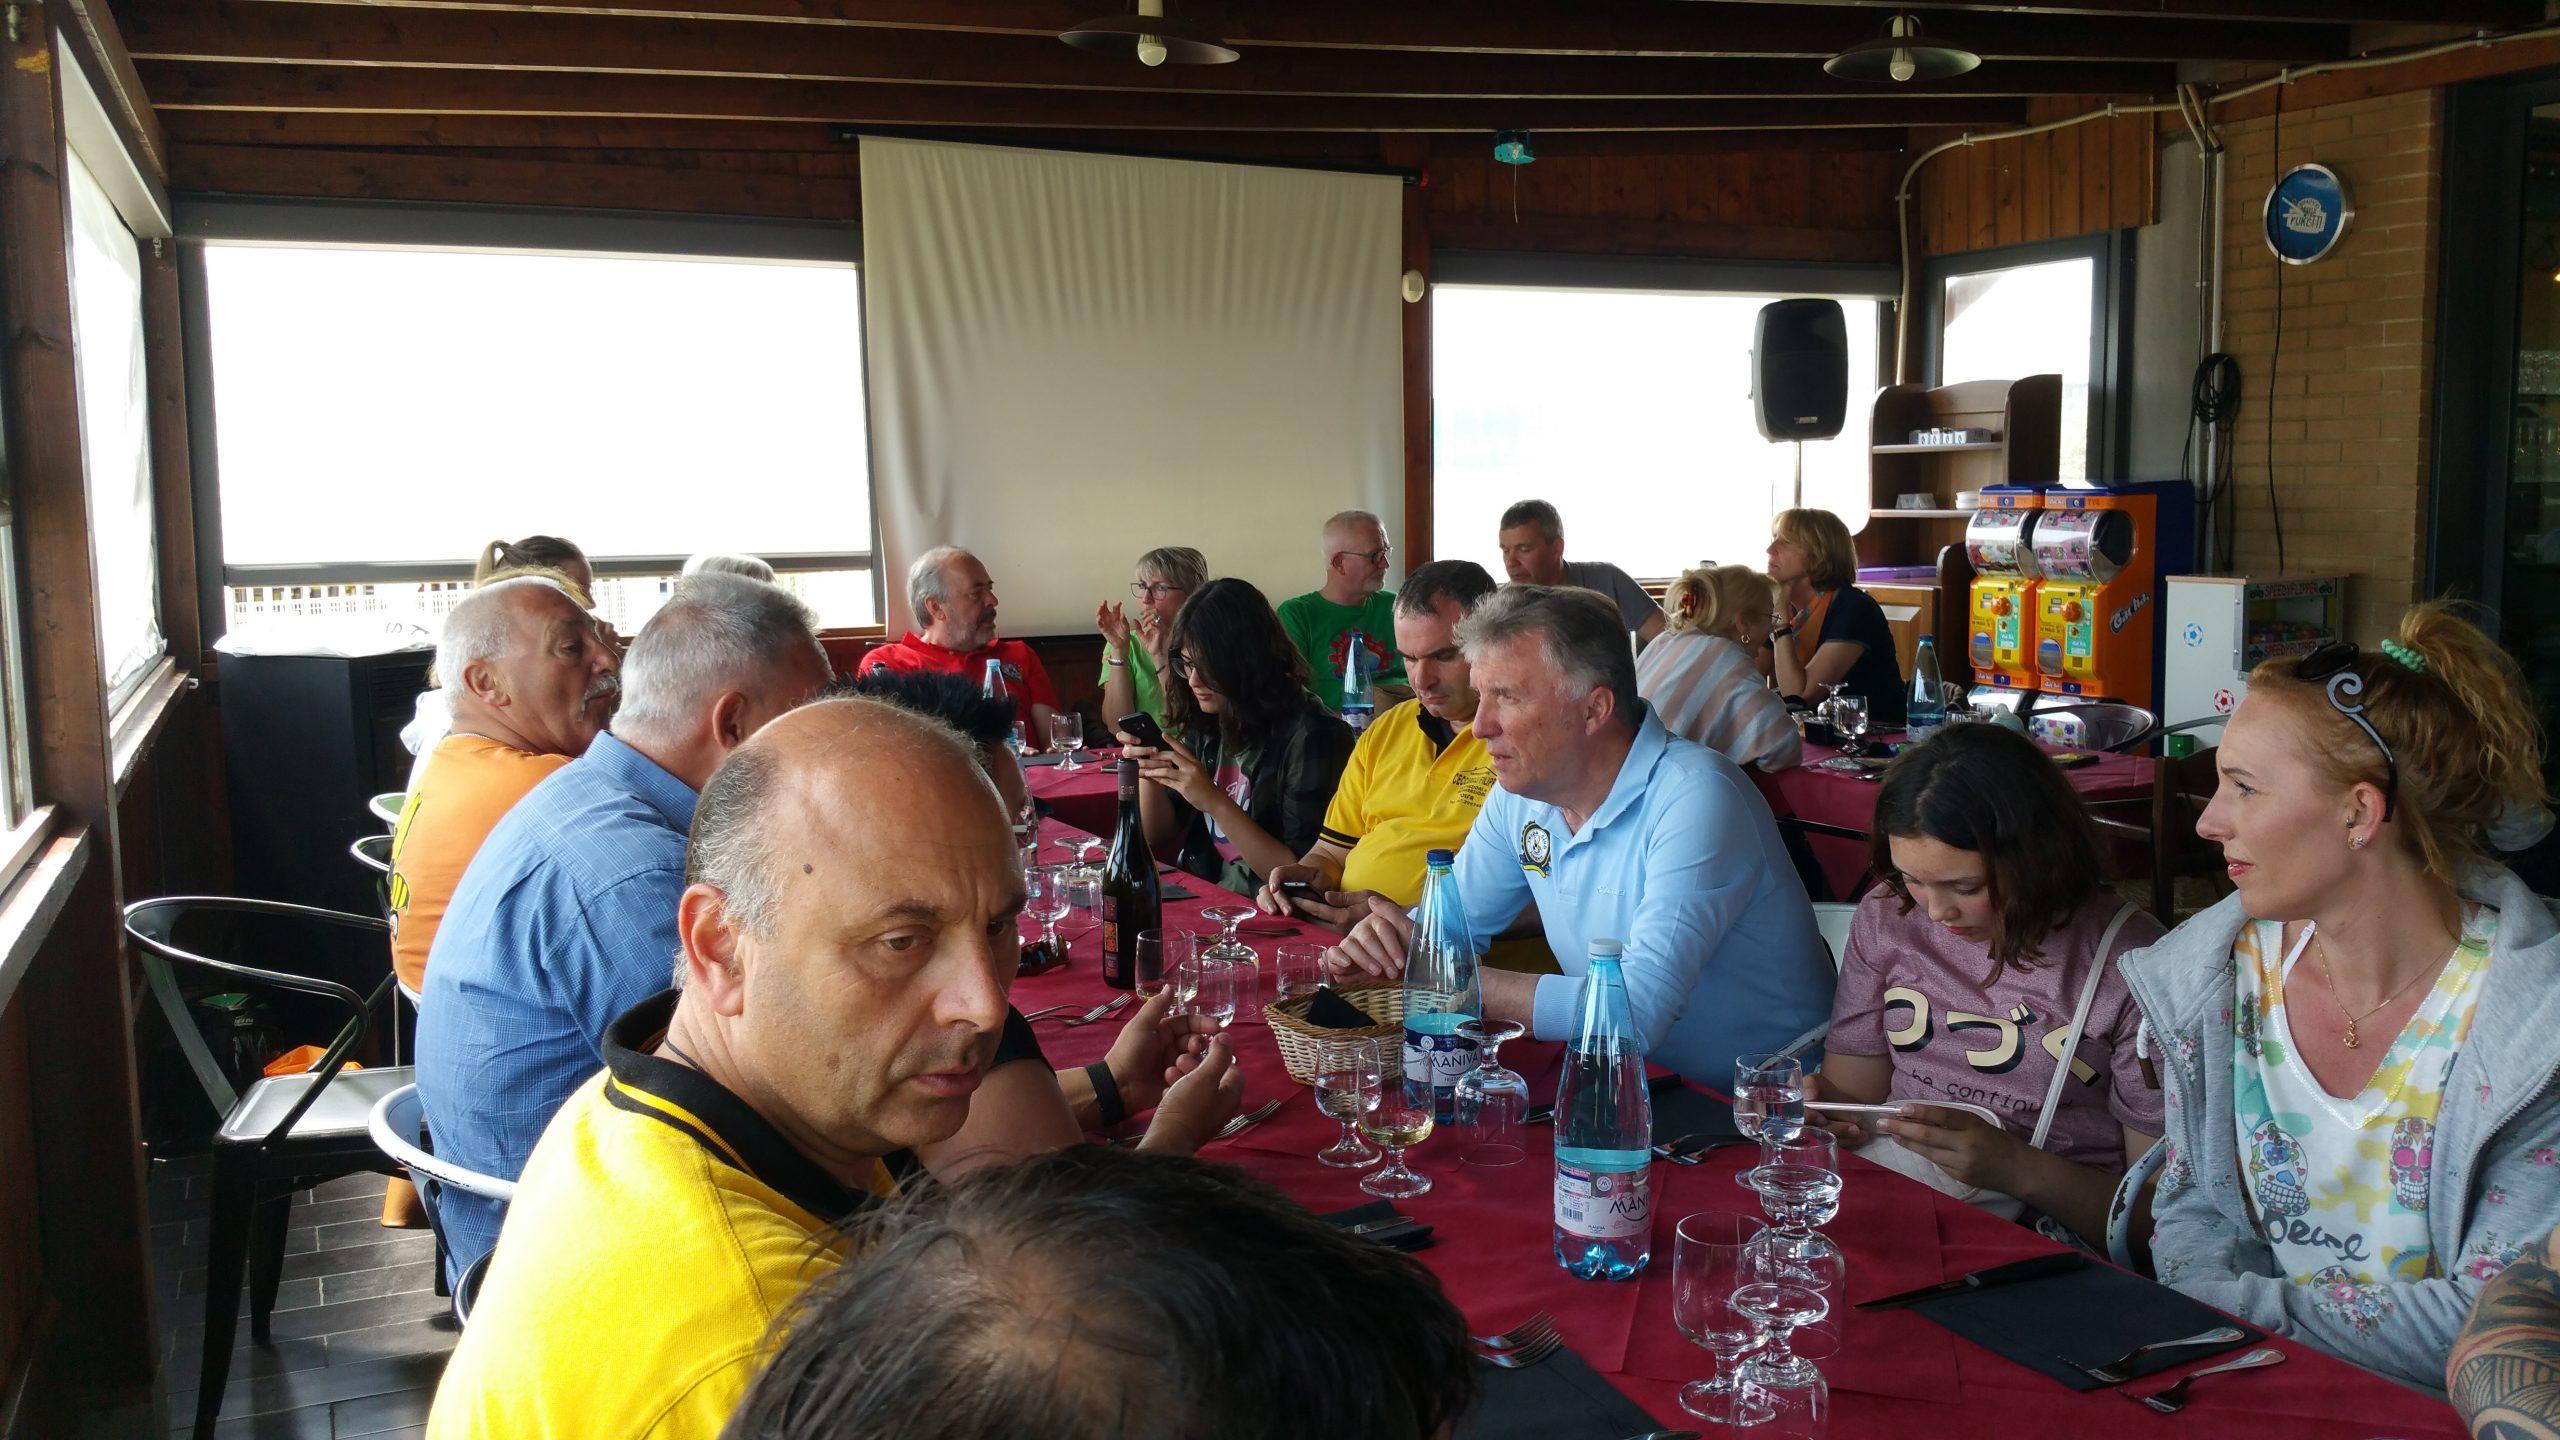 Vespa Life Vespa Club Hagen Civitavecchia